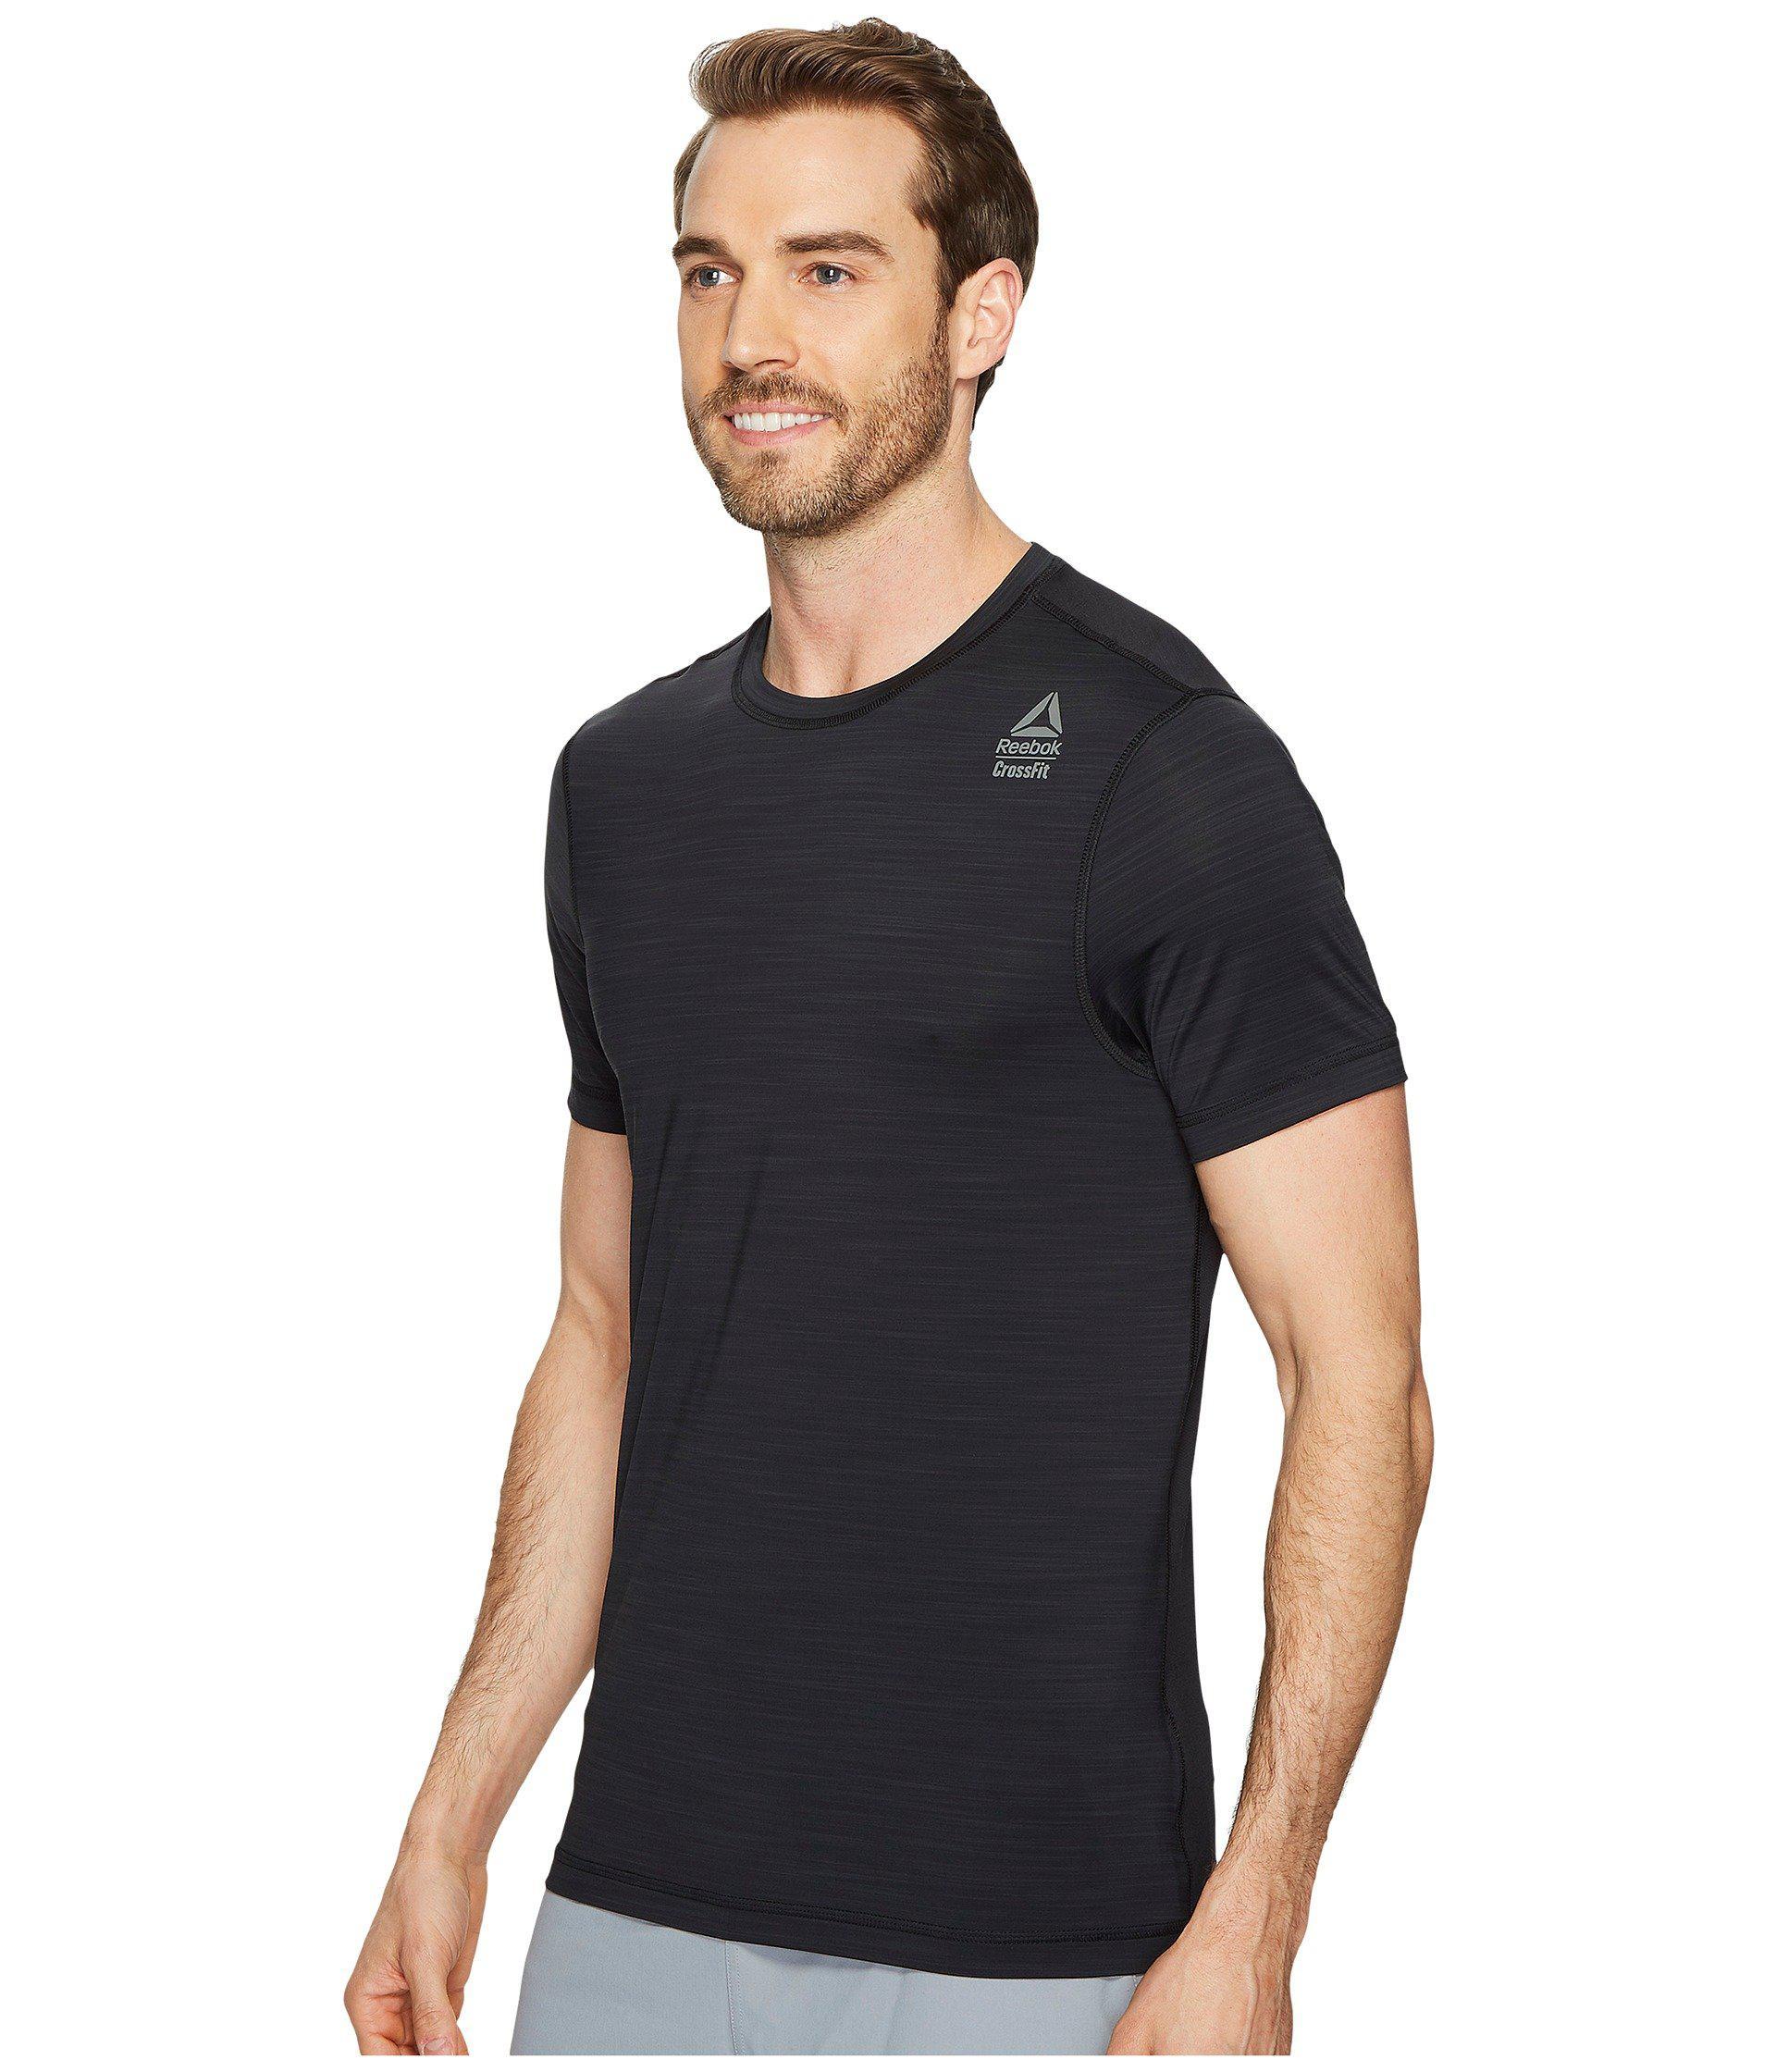 Lyst - Reebok Crossfit Activchill Vent Tee (black) Men s T Shirt in ... 76c311de818